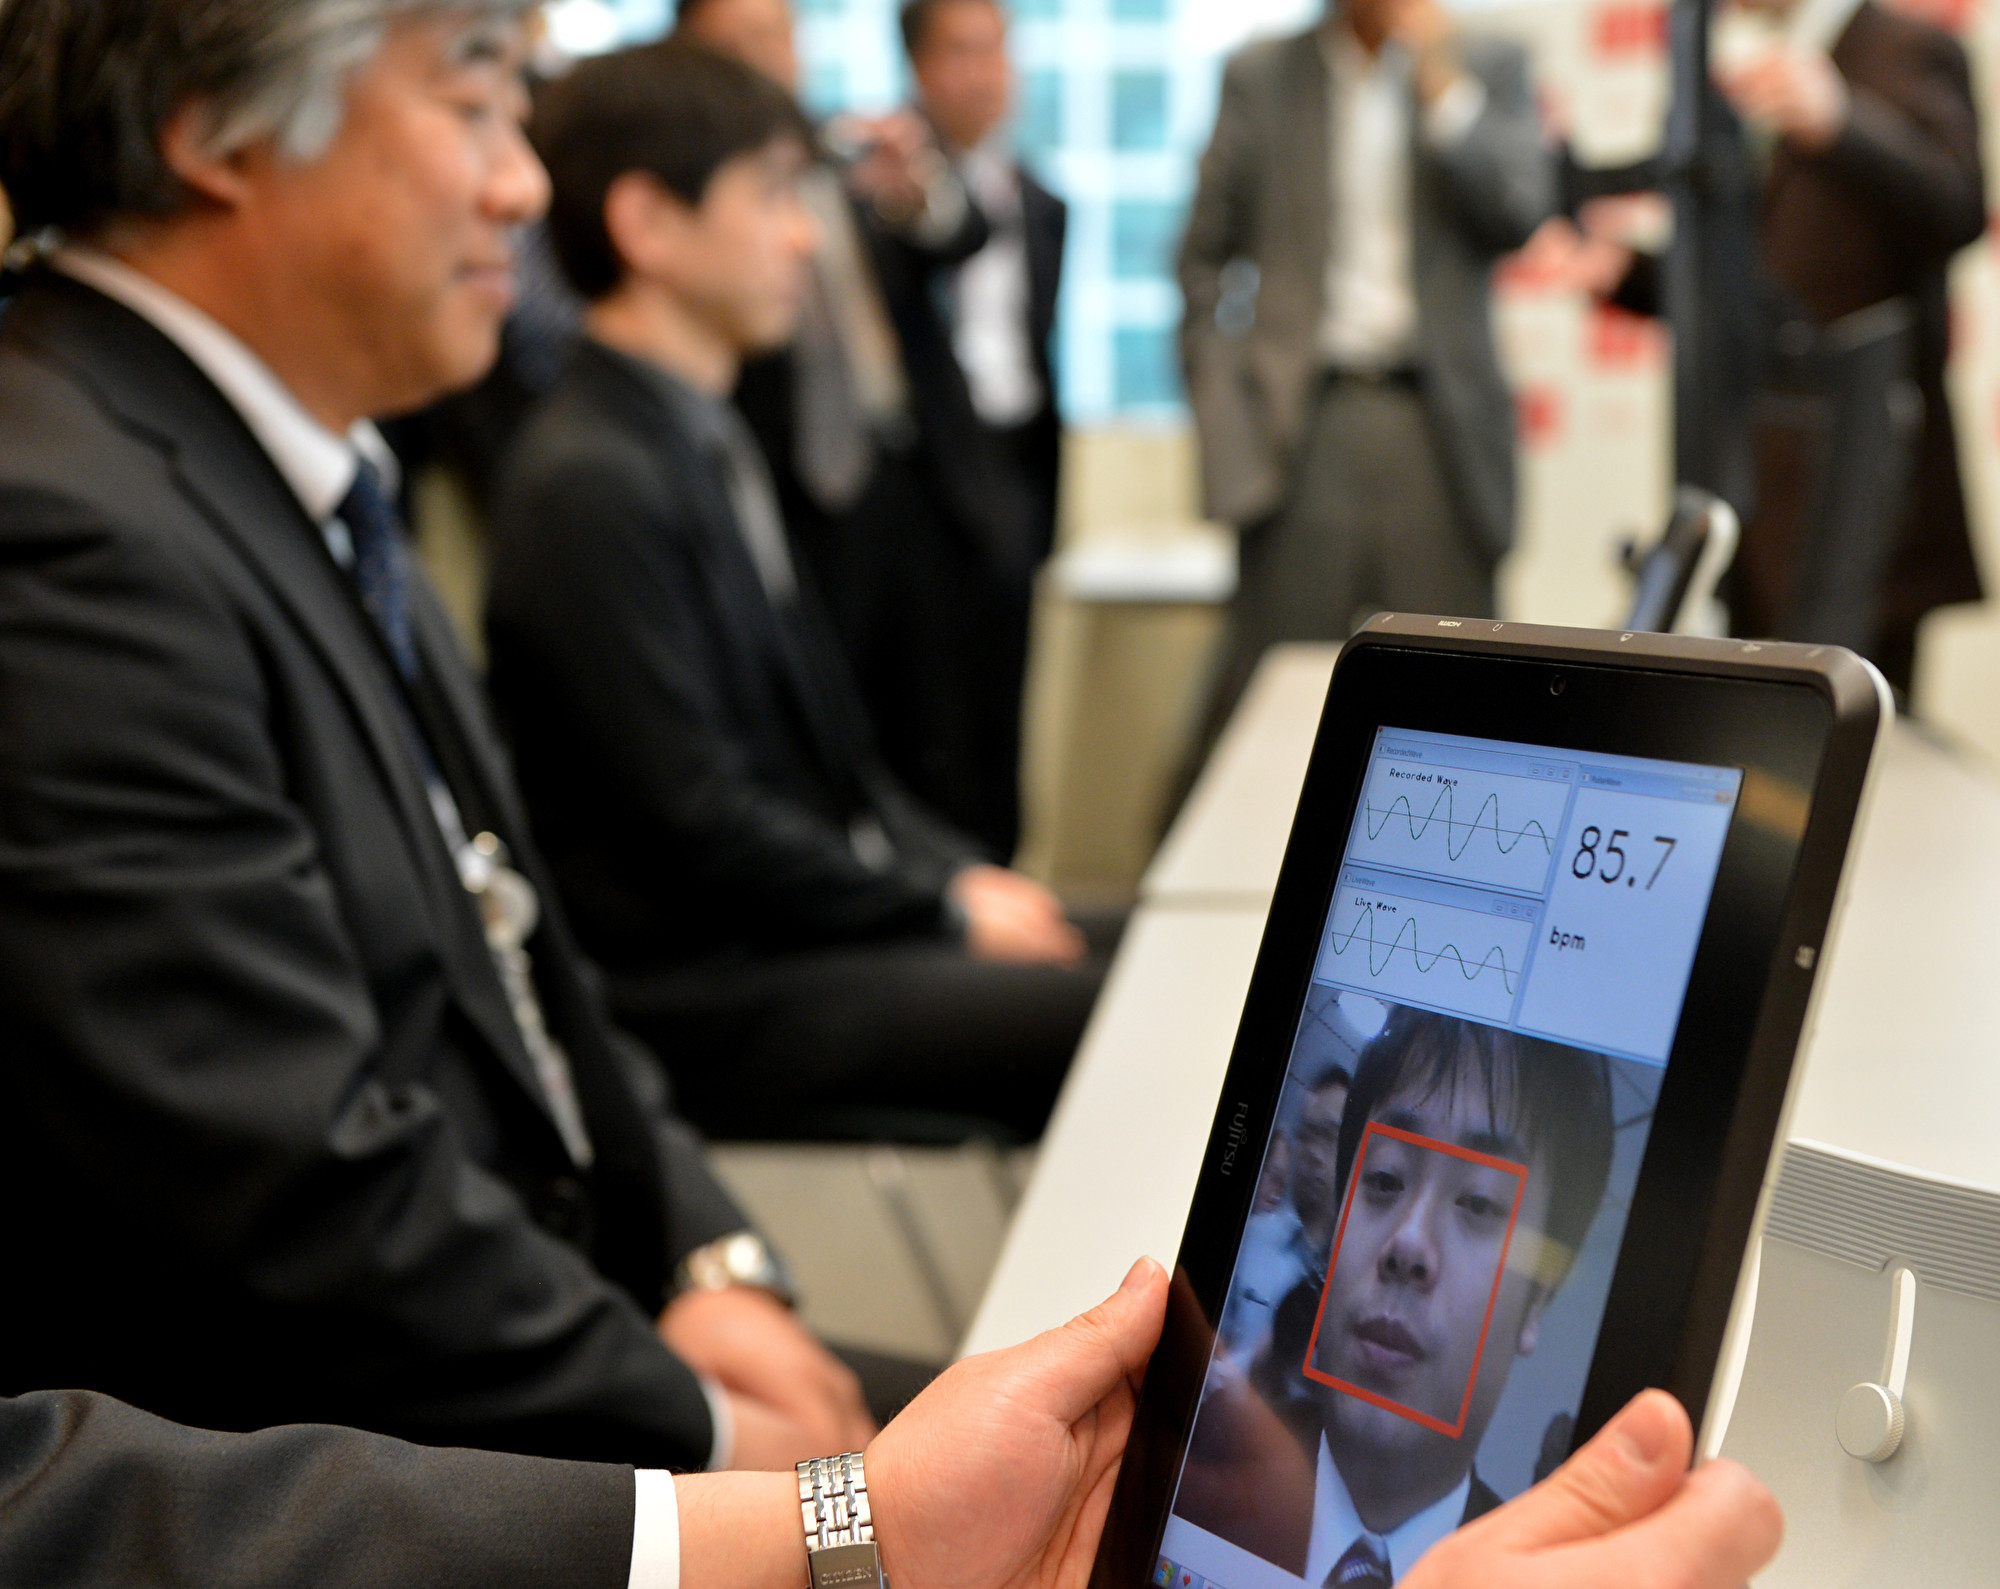 中美科技戰,日本臉部識別和其它安全設備供應商意外獲益。 (YOSHIKAZU TSUNO/AFP/Getty Images)